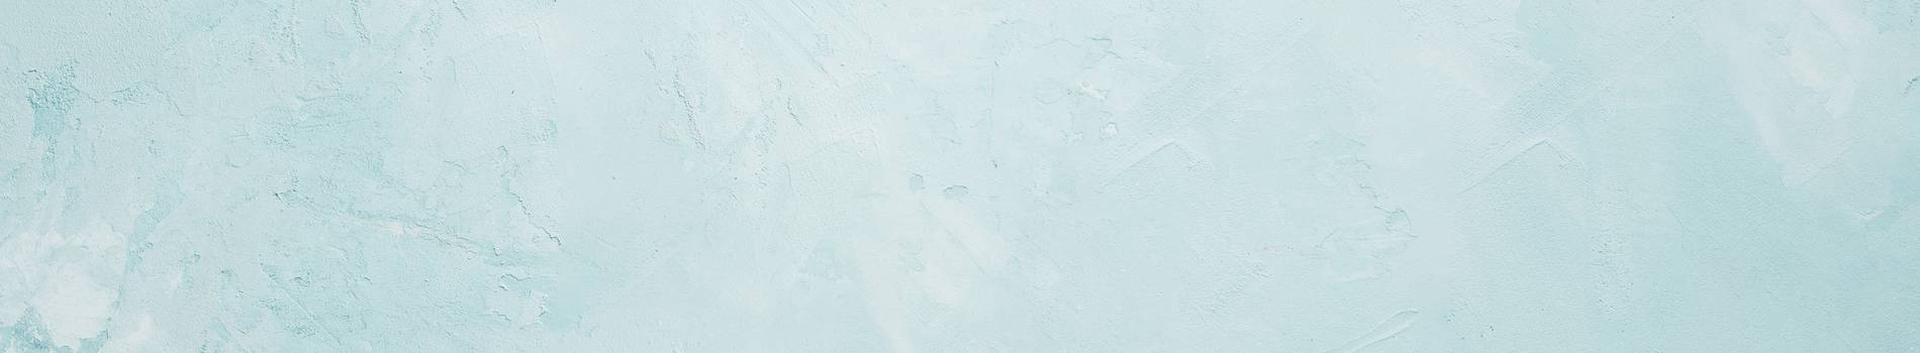 47529_muude-ehitusmaterjalide-jaemuuk_89792058_xl.jpg